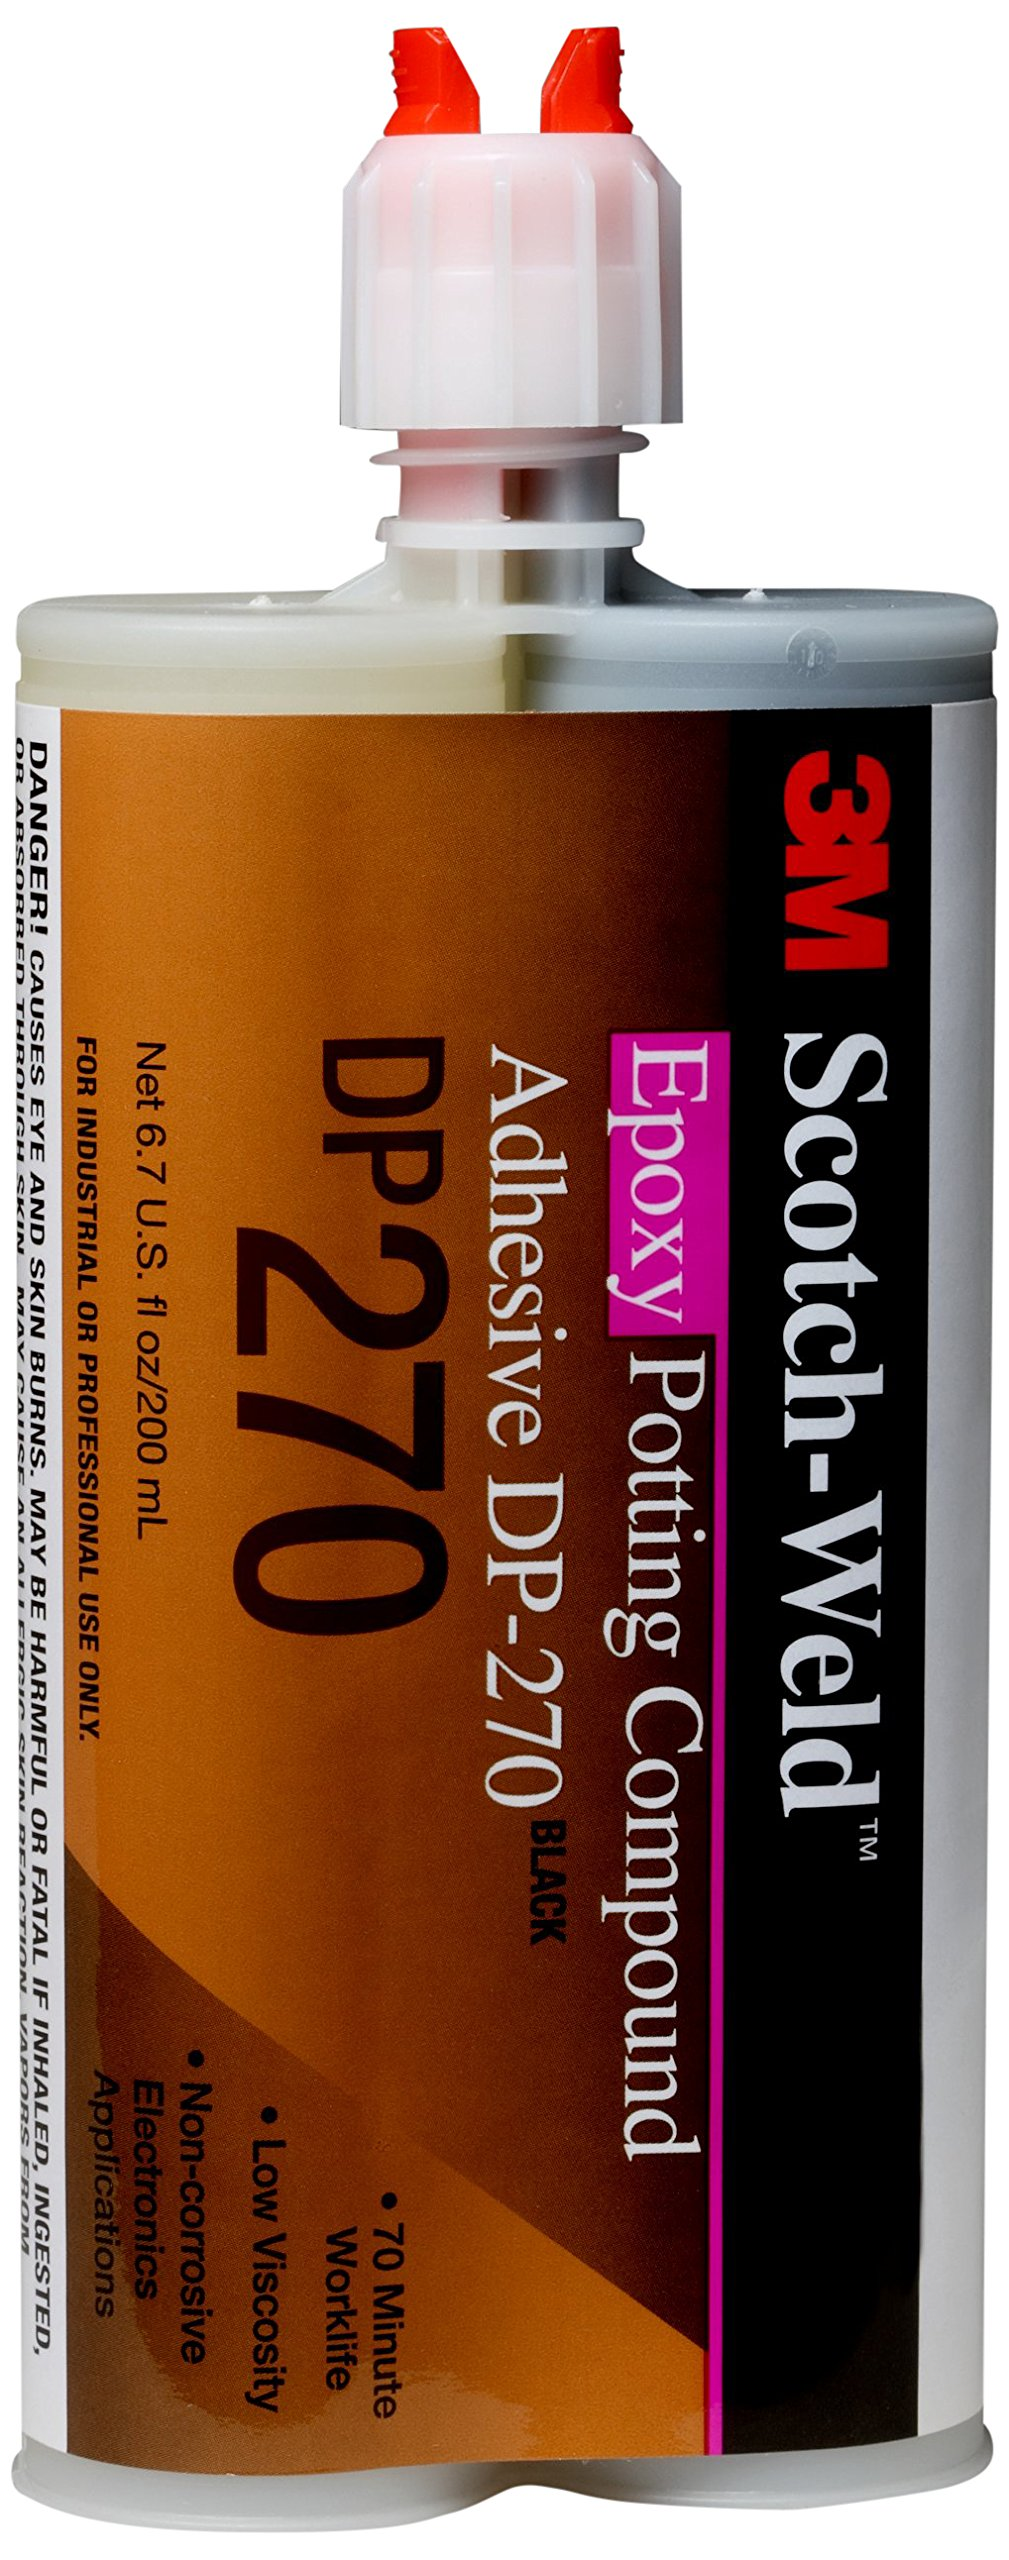 3M Scotch-Weld 87836 Epoxy Potting Compound DP270, 200 mL, Black, 6.763 fl. oz. by 3M Scotch-Weld